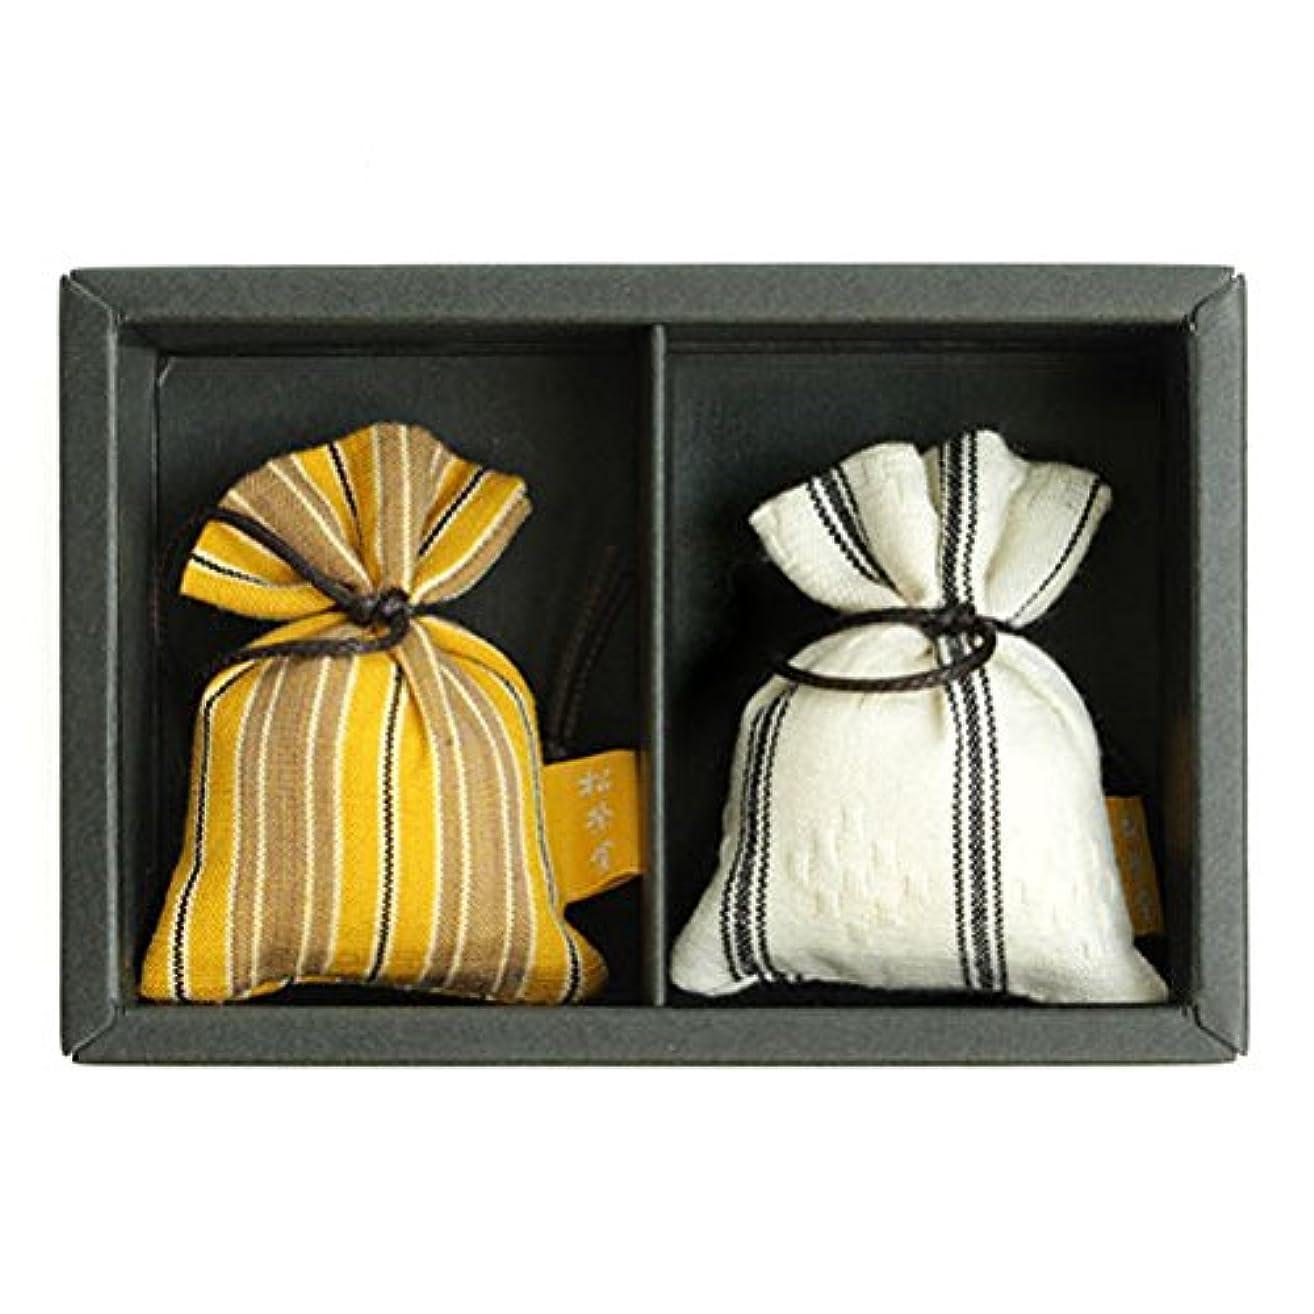 見通し建築ツイン匂い袋 誰が袖 ルリック(縞) 2個入 松栄堂 Shoyeido 本体長さ60mm (色?柄は選べません)